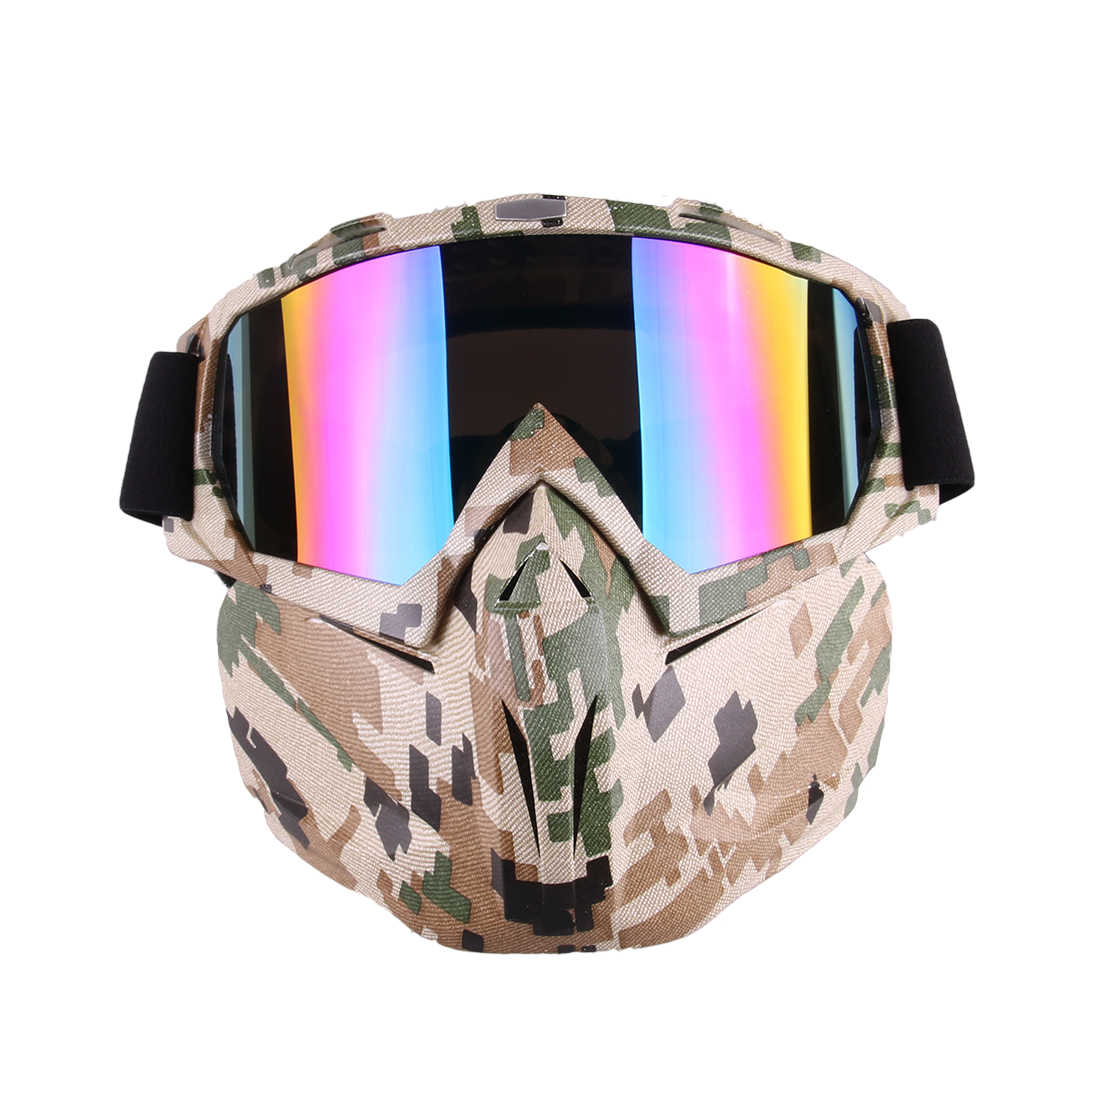 NFSTRIKE простой стиль тактическая маска мягкая пуля Дартс защитное зеркало уход за кожей лица маска для Nerf Спорт на открытом воздухе часть 5 видов доступны